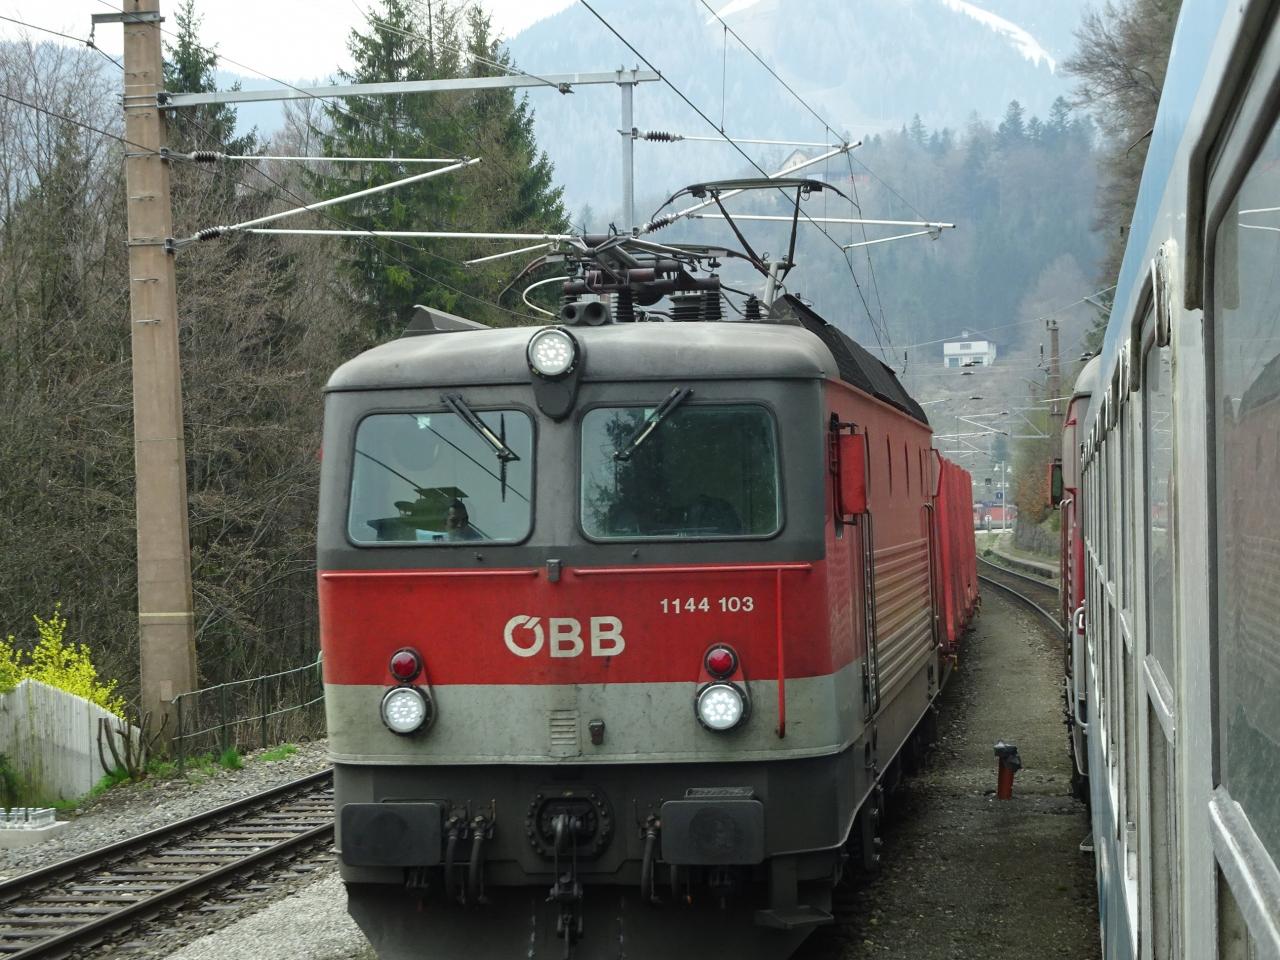 ゼメリング鉄道の画像 p1_23